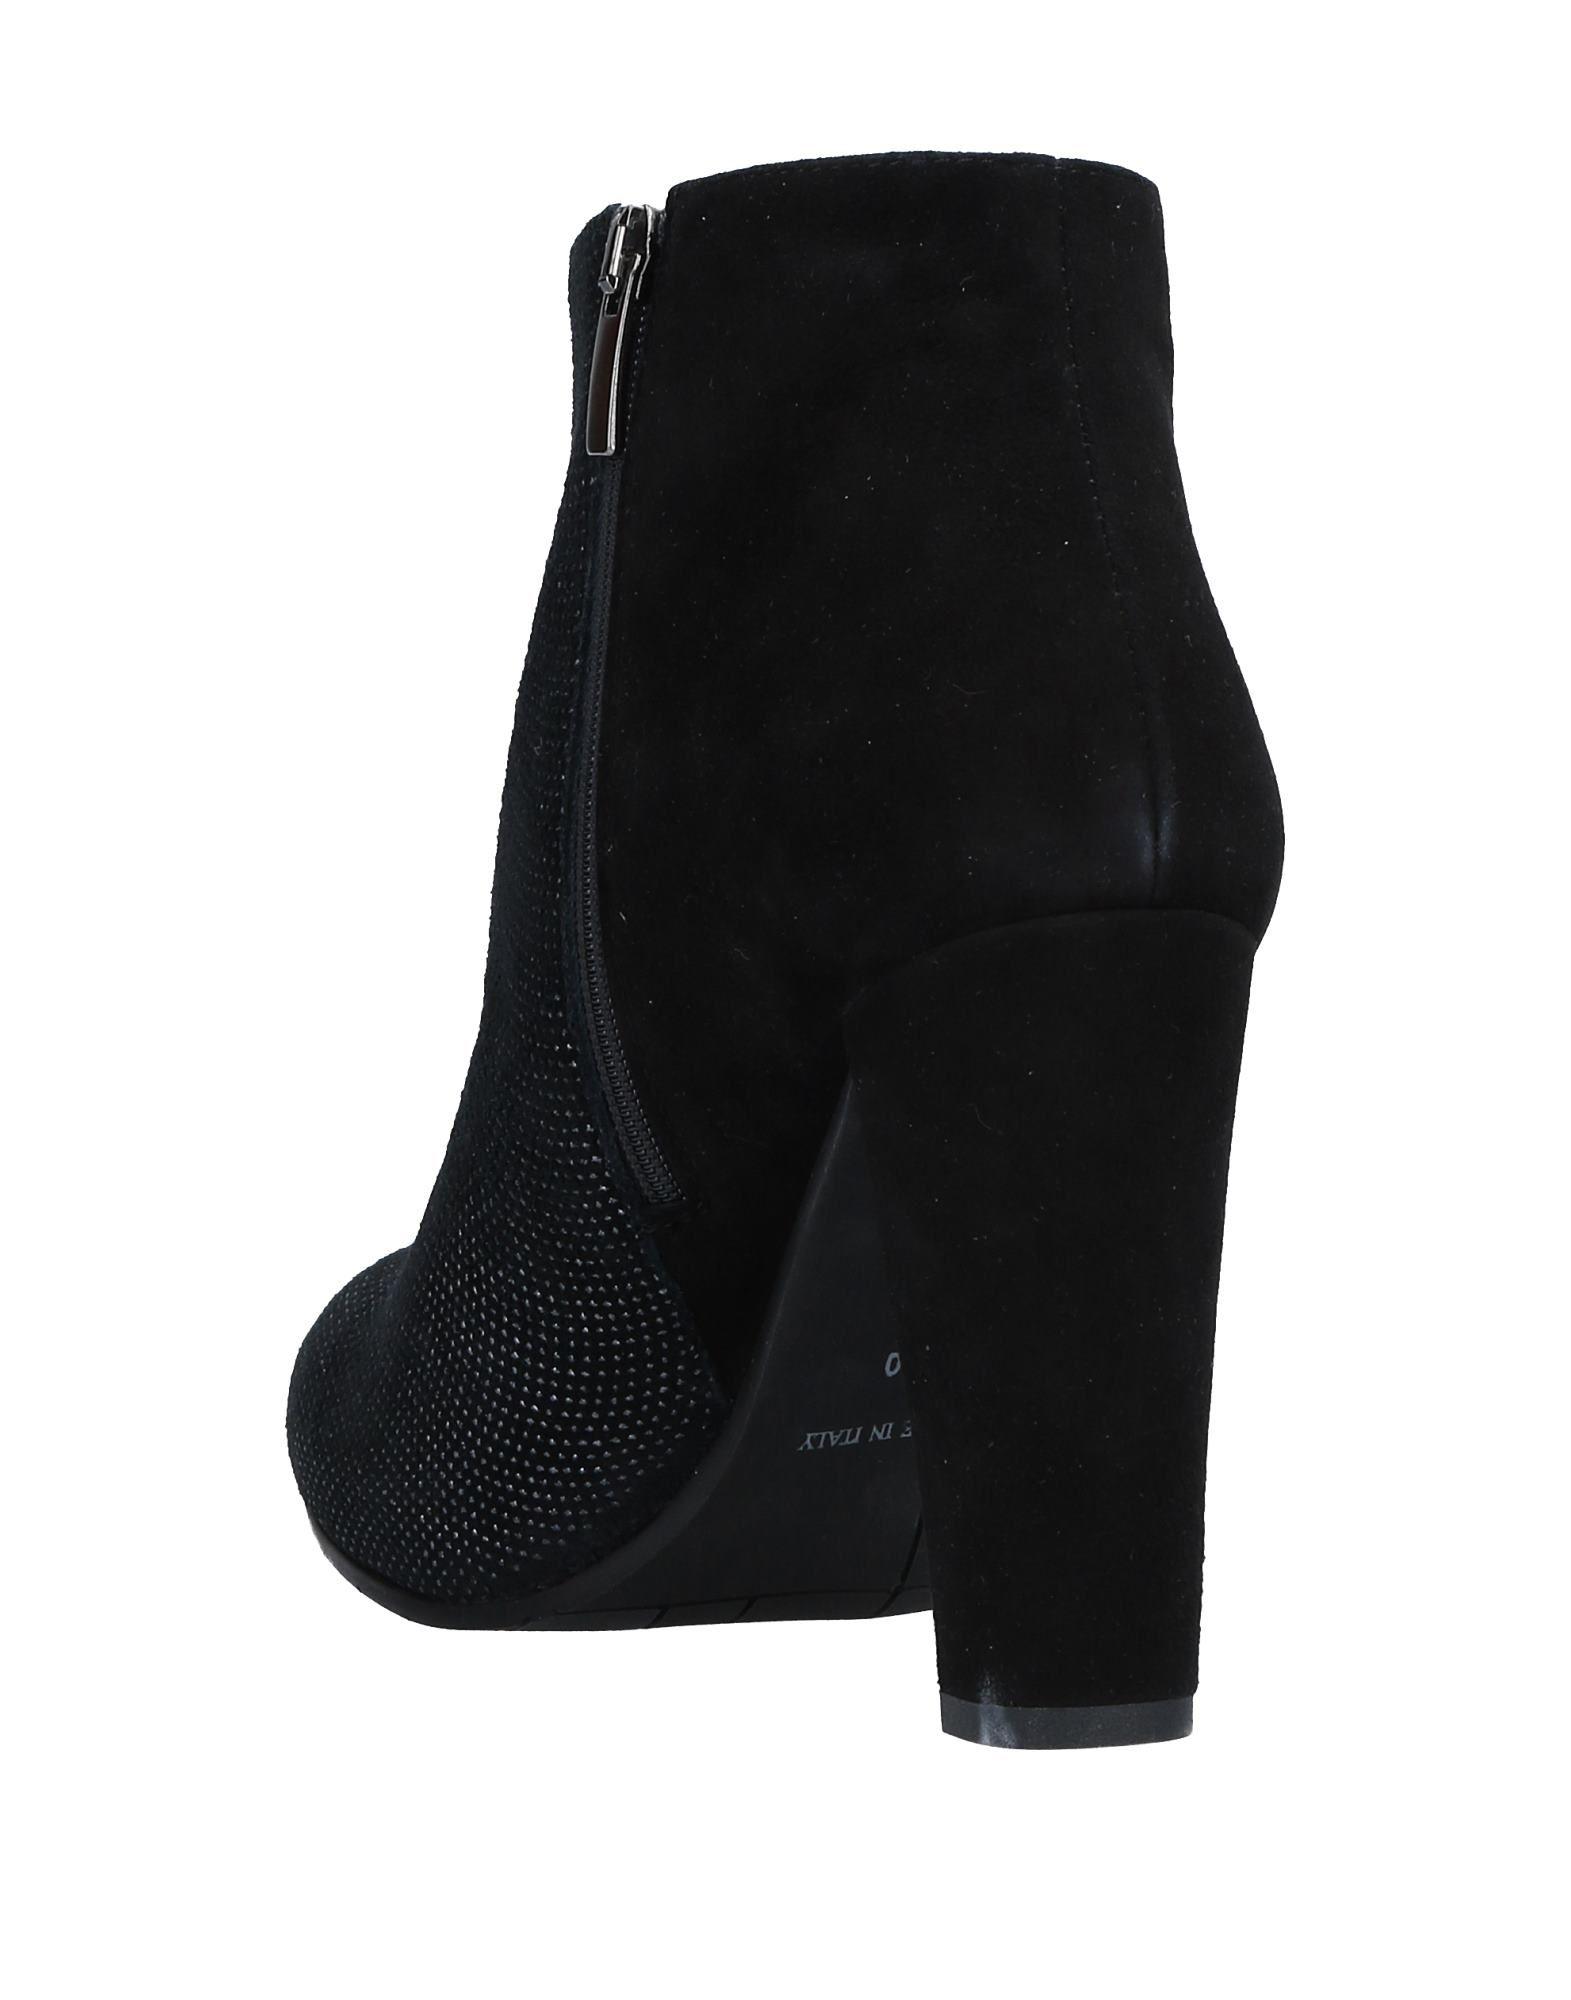 Evaluna Stiefelette Damen  beliebte 11538132TF Gute Qualität beliebte  Schuhe fd40e1